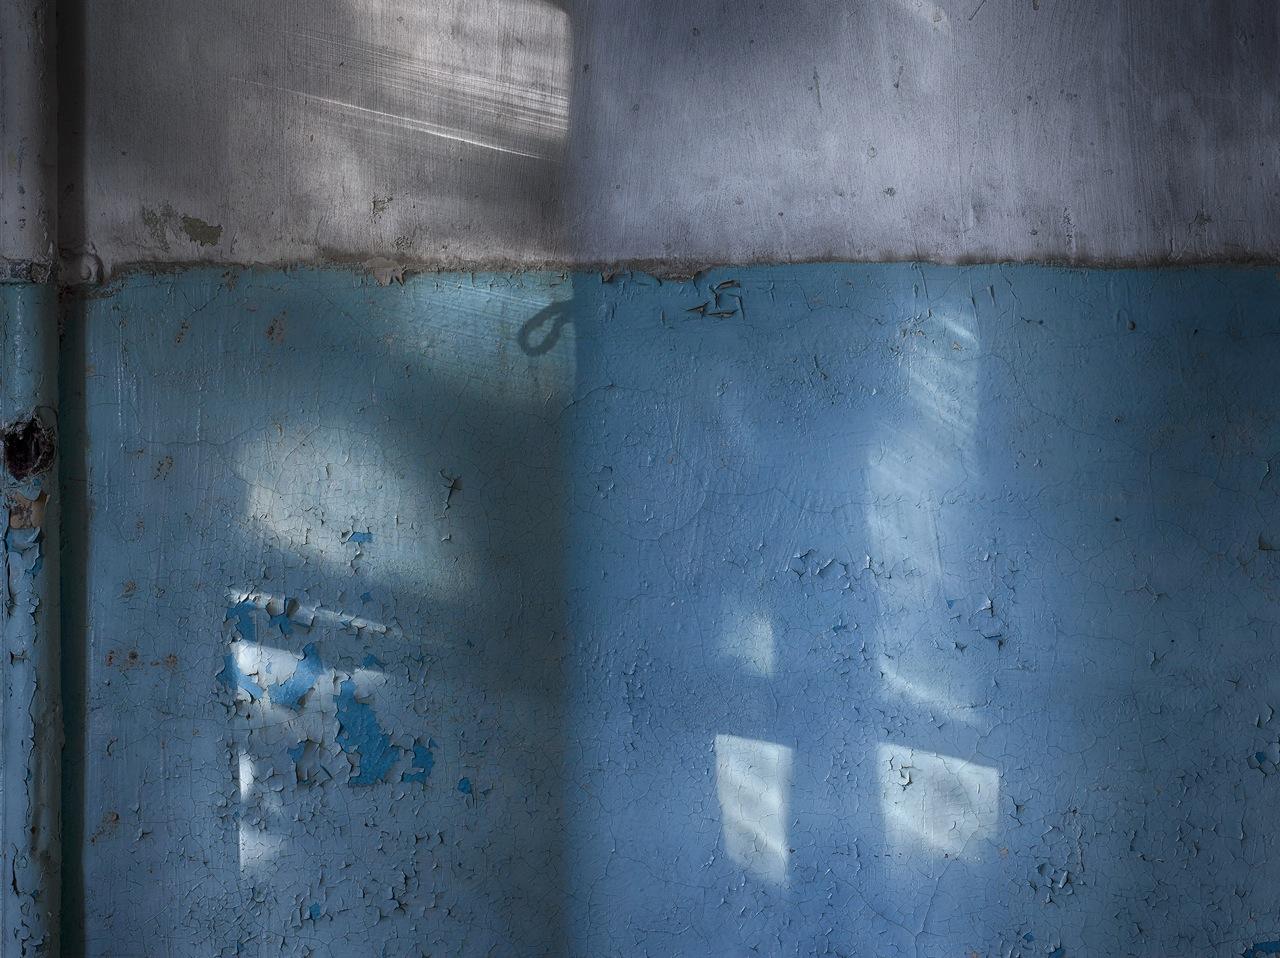 """Edition 33. Dresdner Graphikmarkt 2014: Michael Lange, o.T. Nr. 5/14 aus der Serie """"tagsüber auch schatten"""" Fotografie/Pigmentdruck auf Barytpapier"""